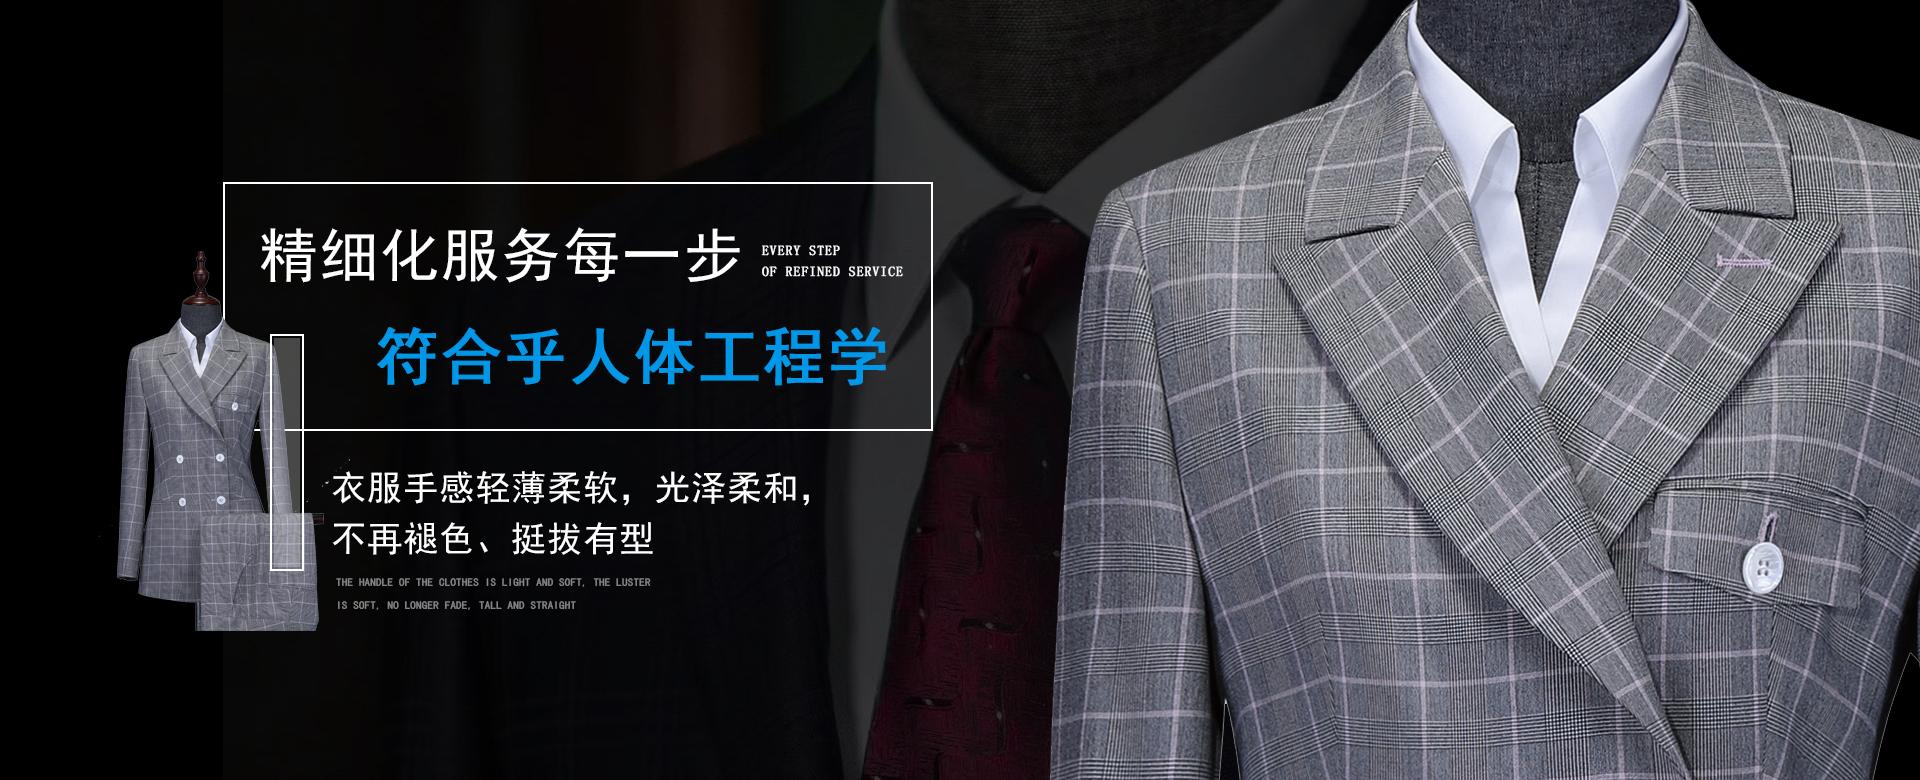 重庆校服定制